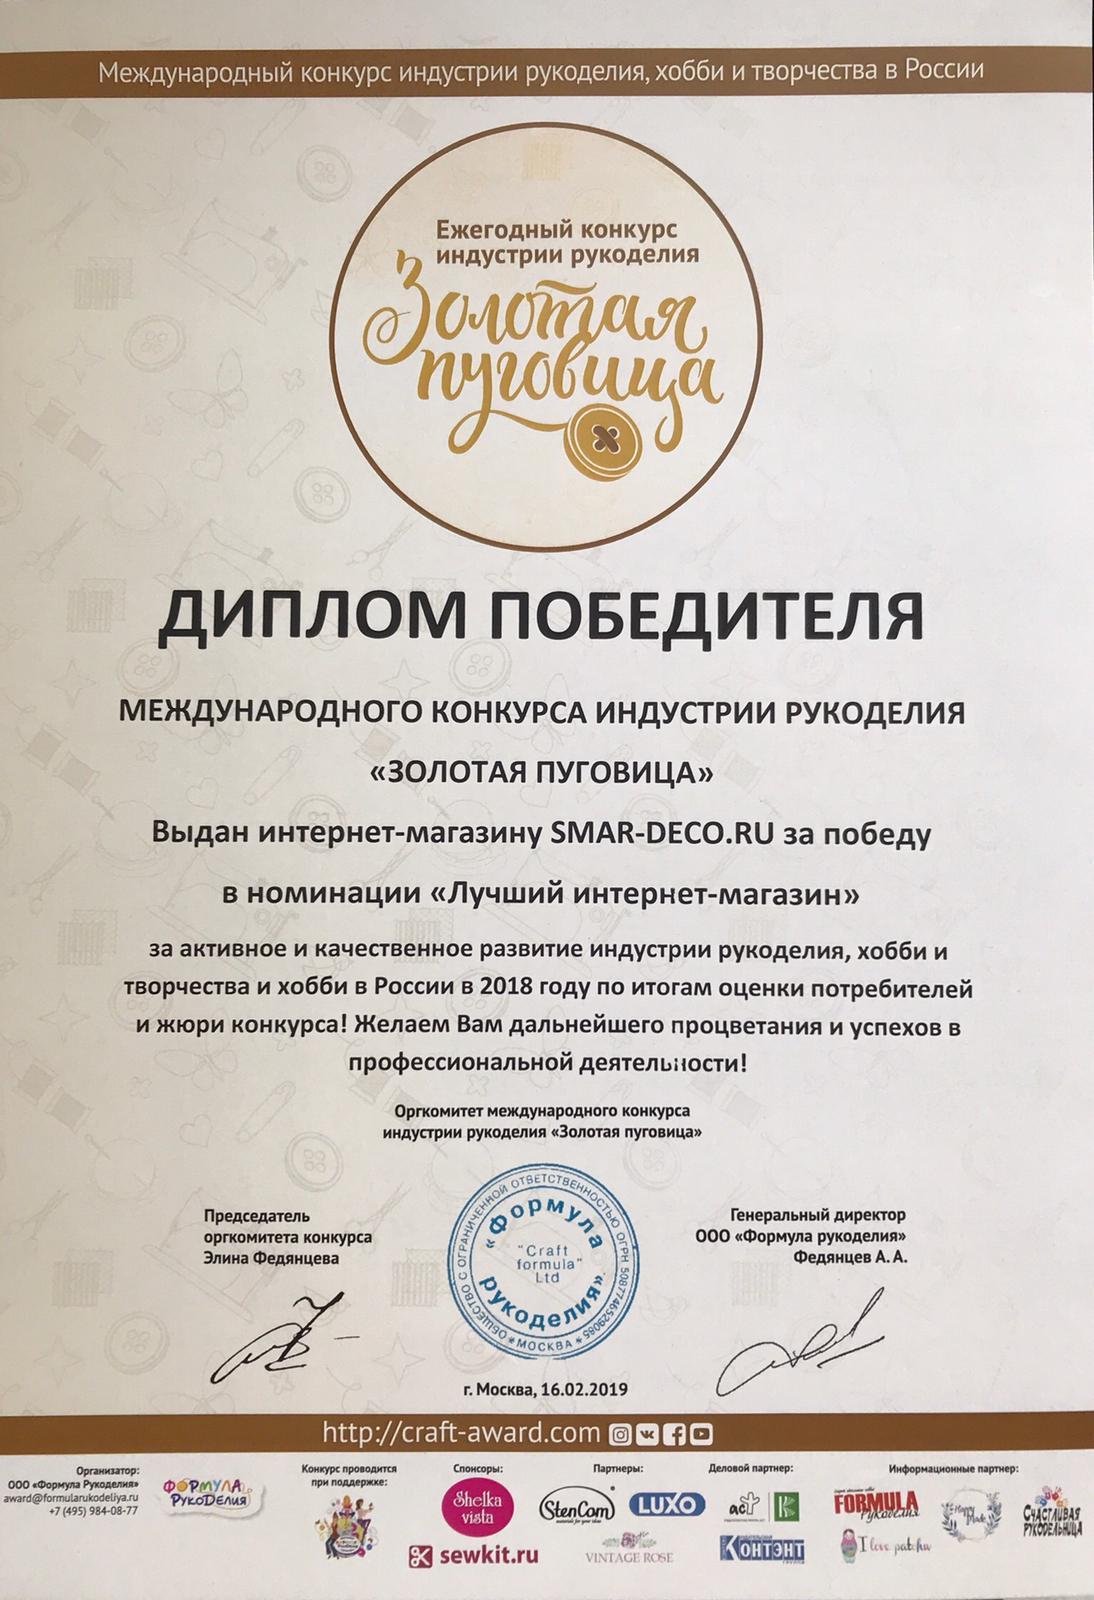 """Наш сайт smar-deco.ru  удостоился наивысшей награды  конкурса рукоделия и творчества """"Золотая Пуговица"""" в номинации «Бизнес / Лучший интернет-магазин 2018»"""